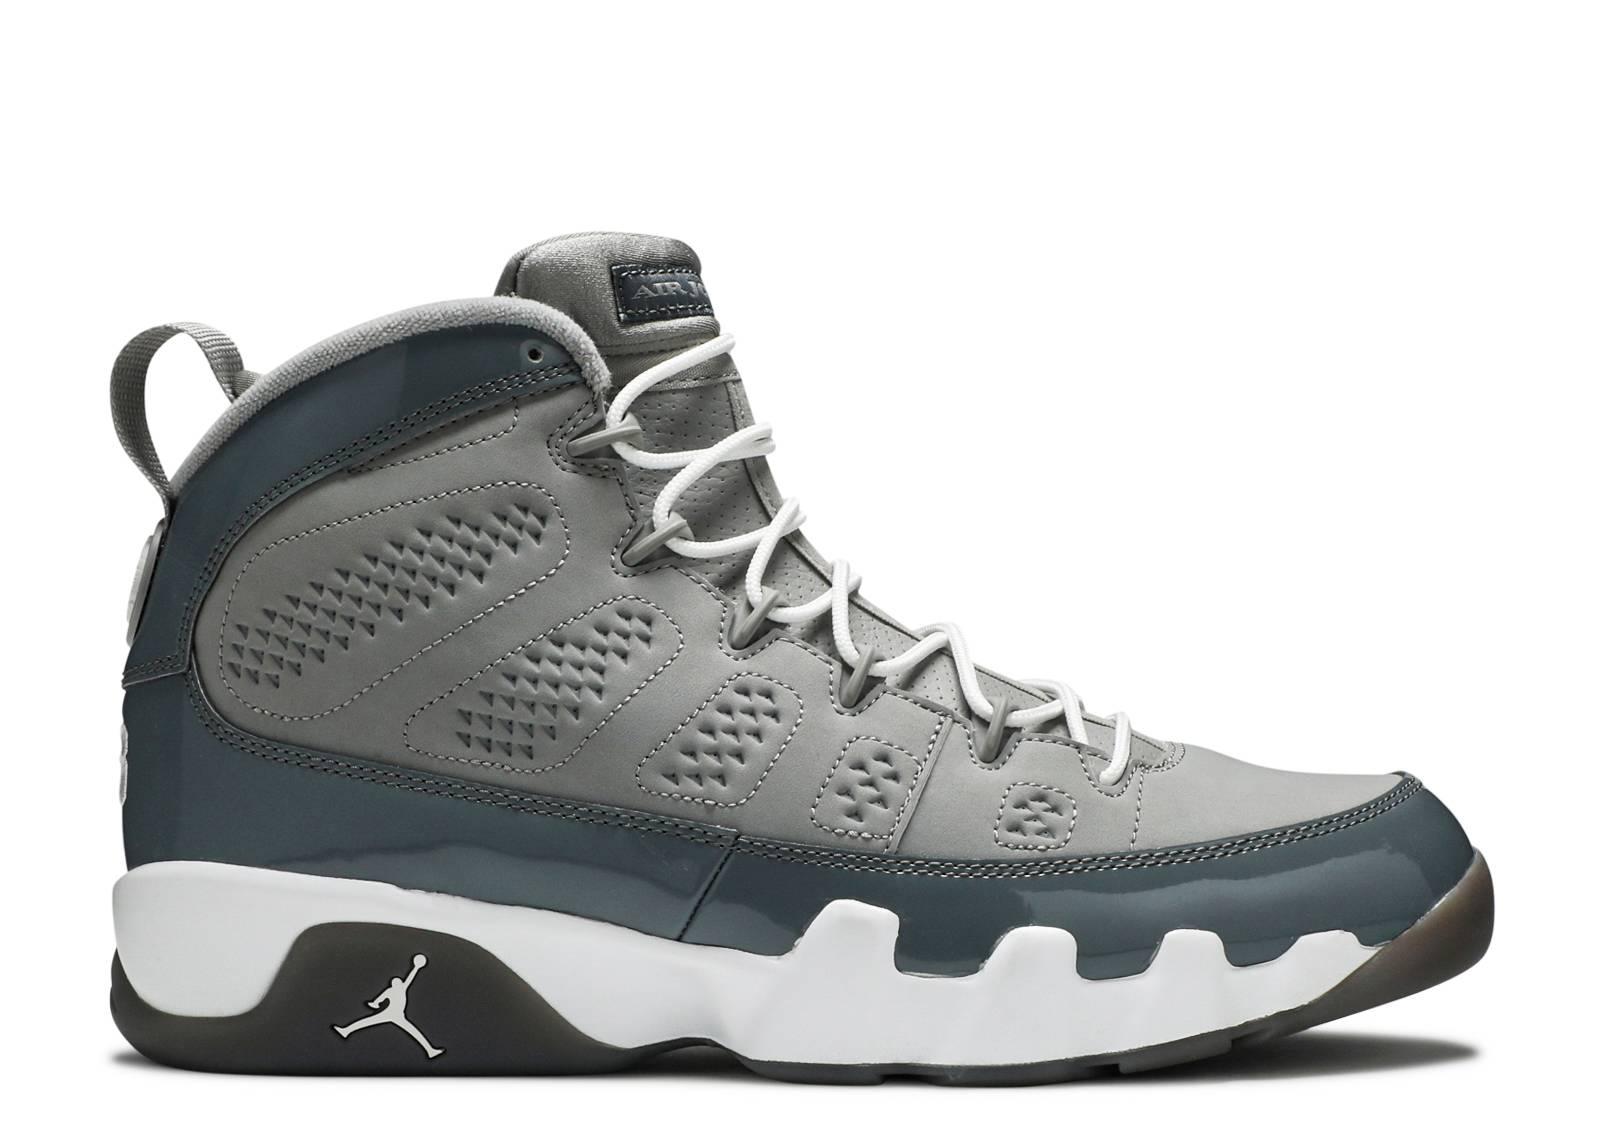 """air jordan 9 retro """"cool grey 2012 release"""""""